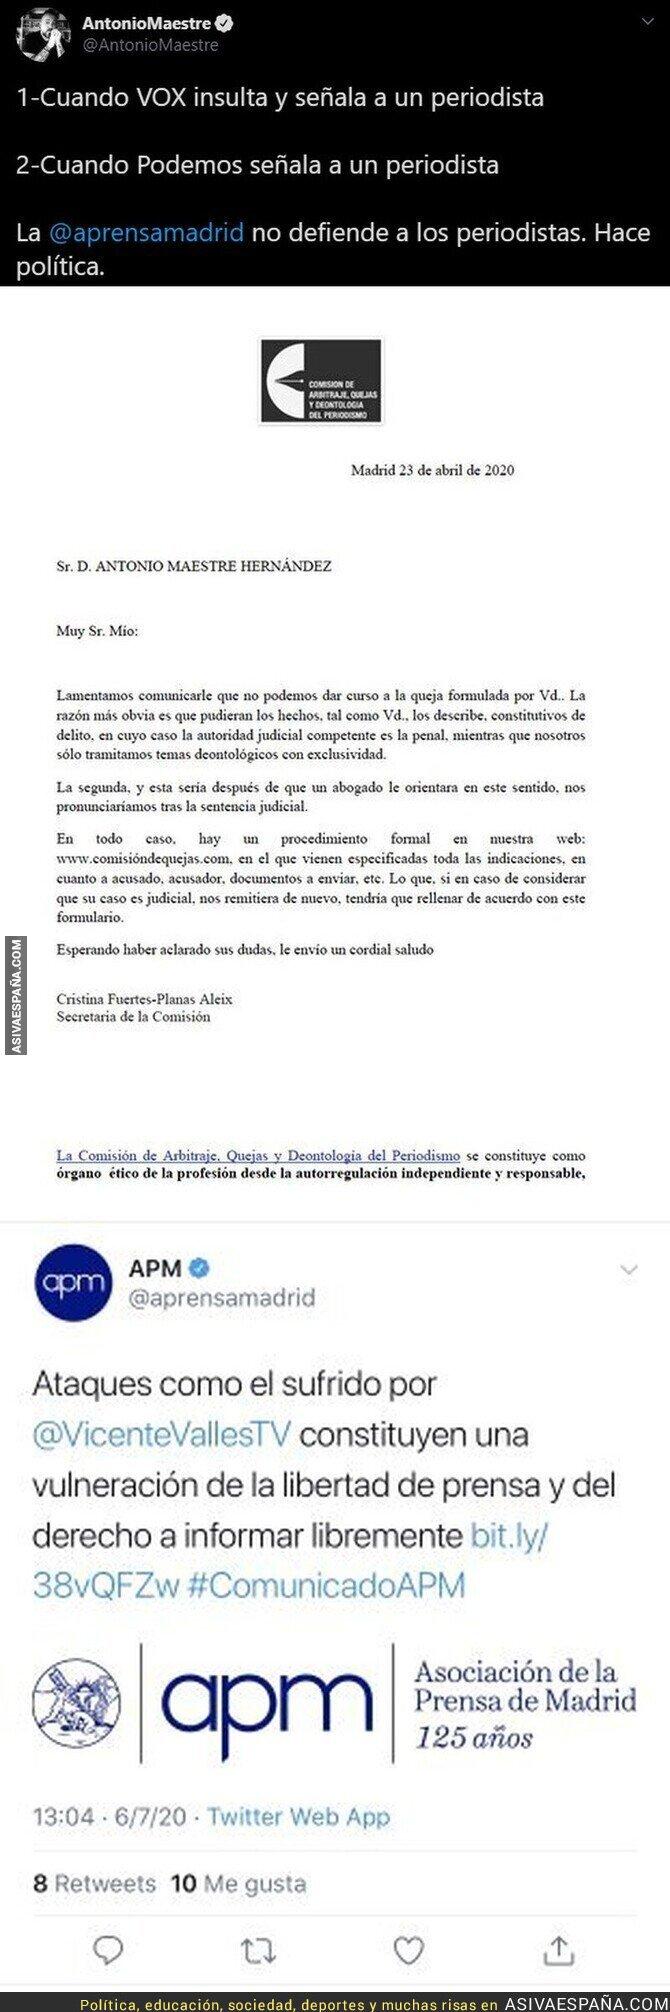 258540 - El doble rasero increíble de la Asociación de la Prensa de Madrid cuando un partido señala a periodistas depende de qué partido sea